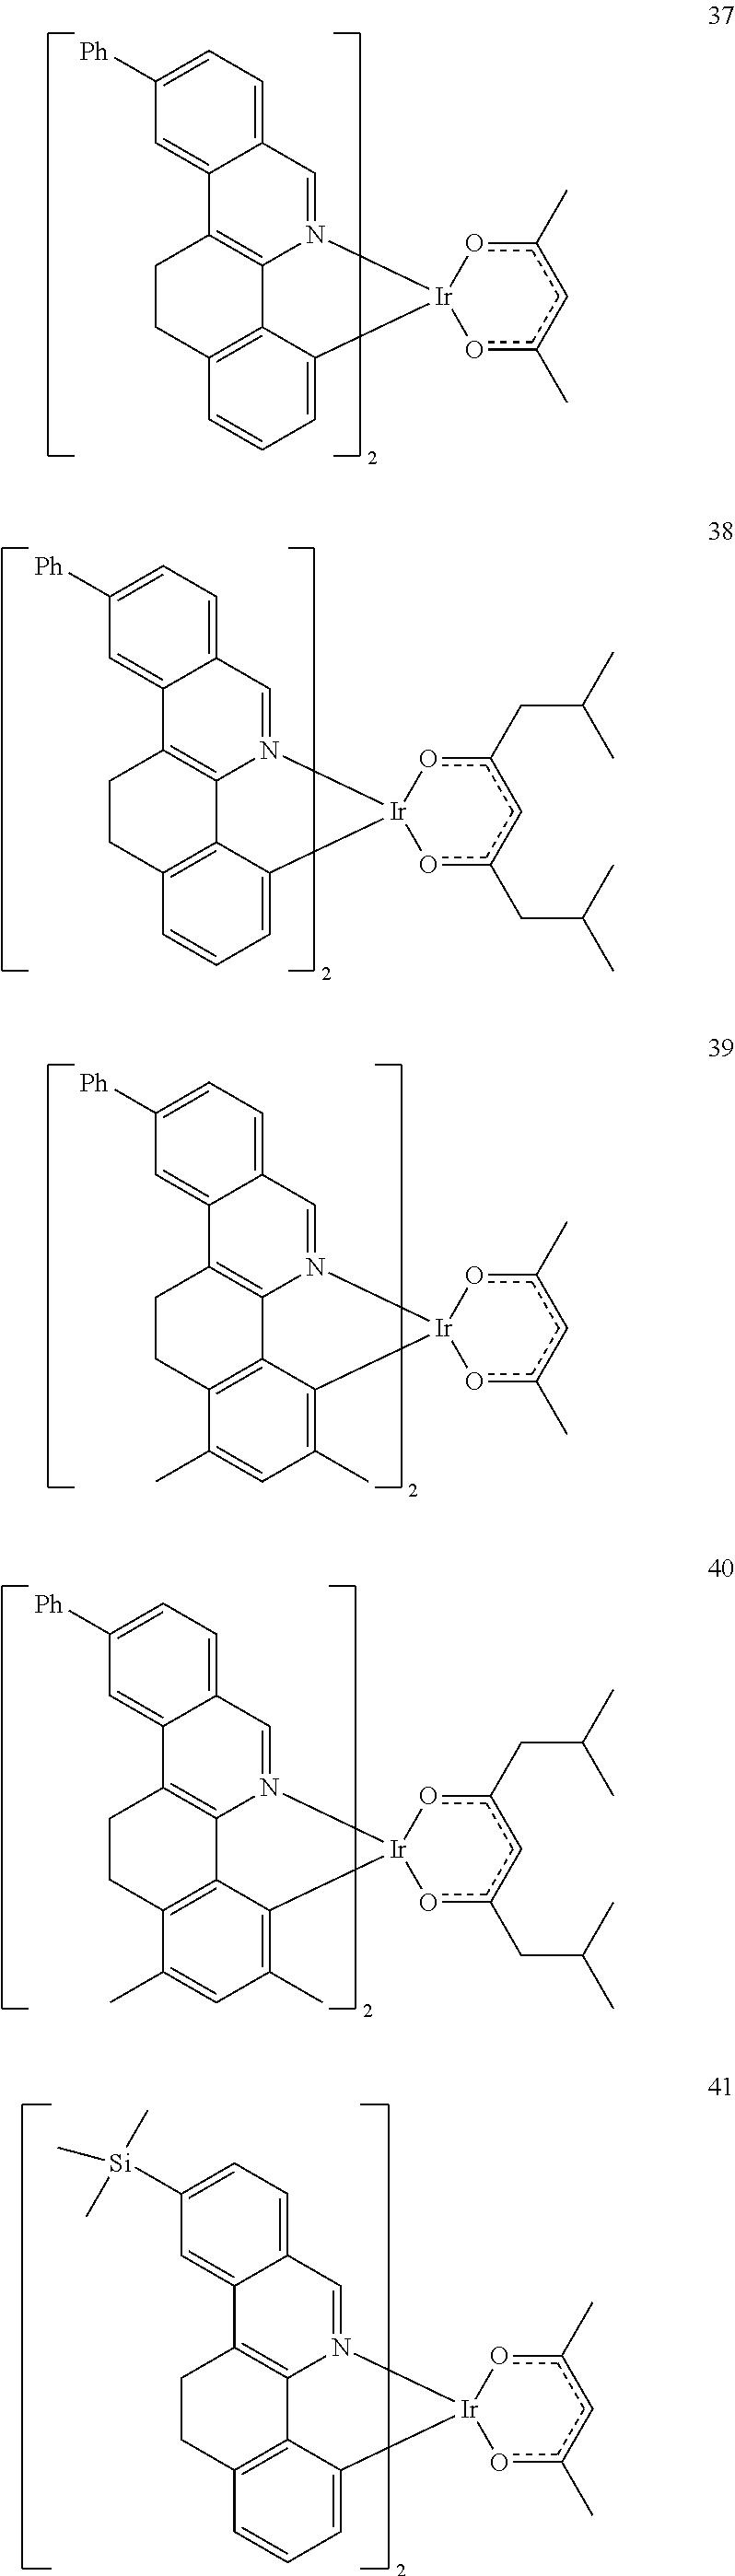 Figure US20130032785A1-20130207-C00016